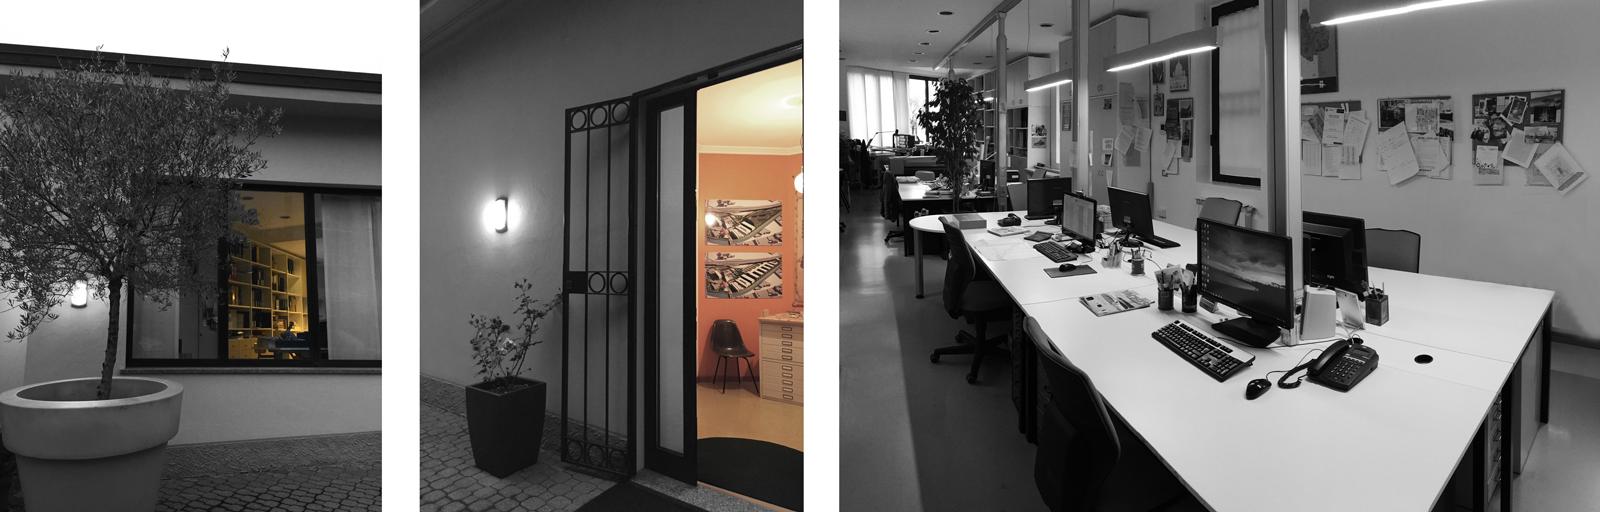 interno-esterno-about-studio-archilabo-laboratorio-architetti-architettura